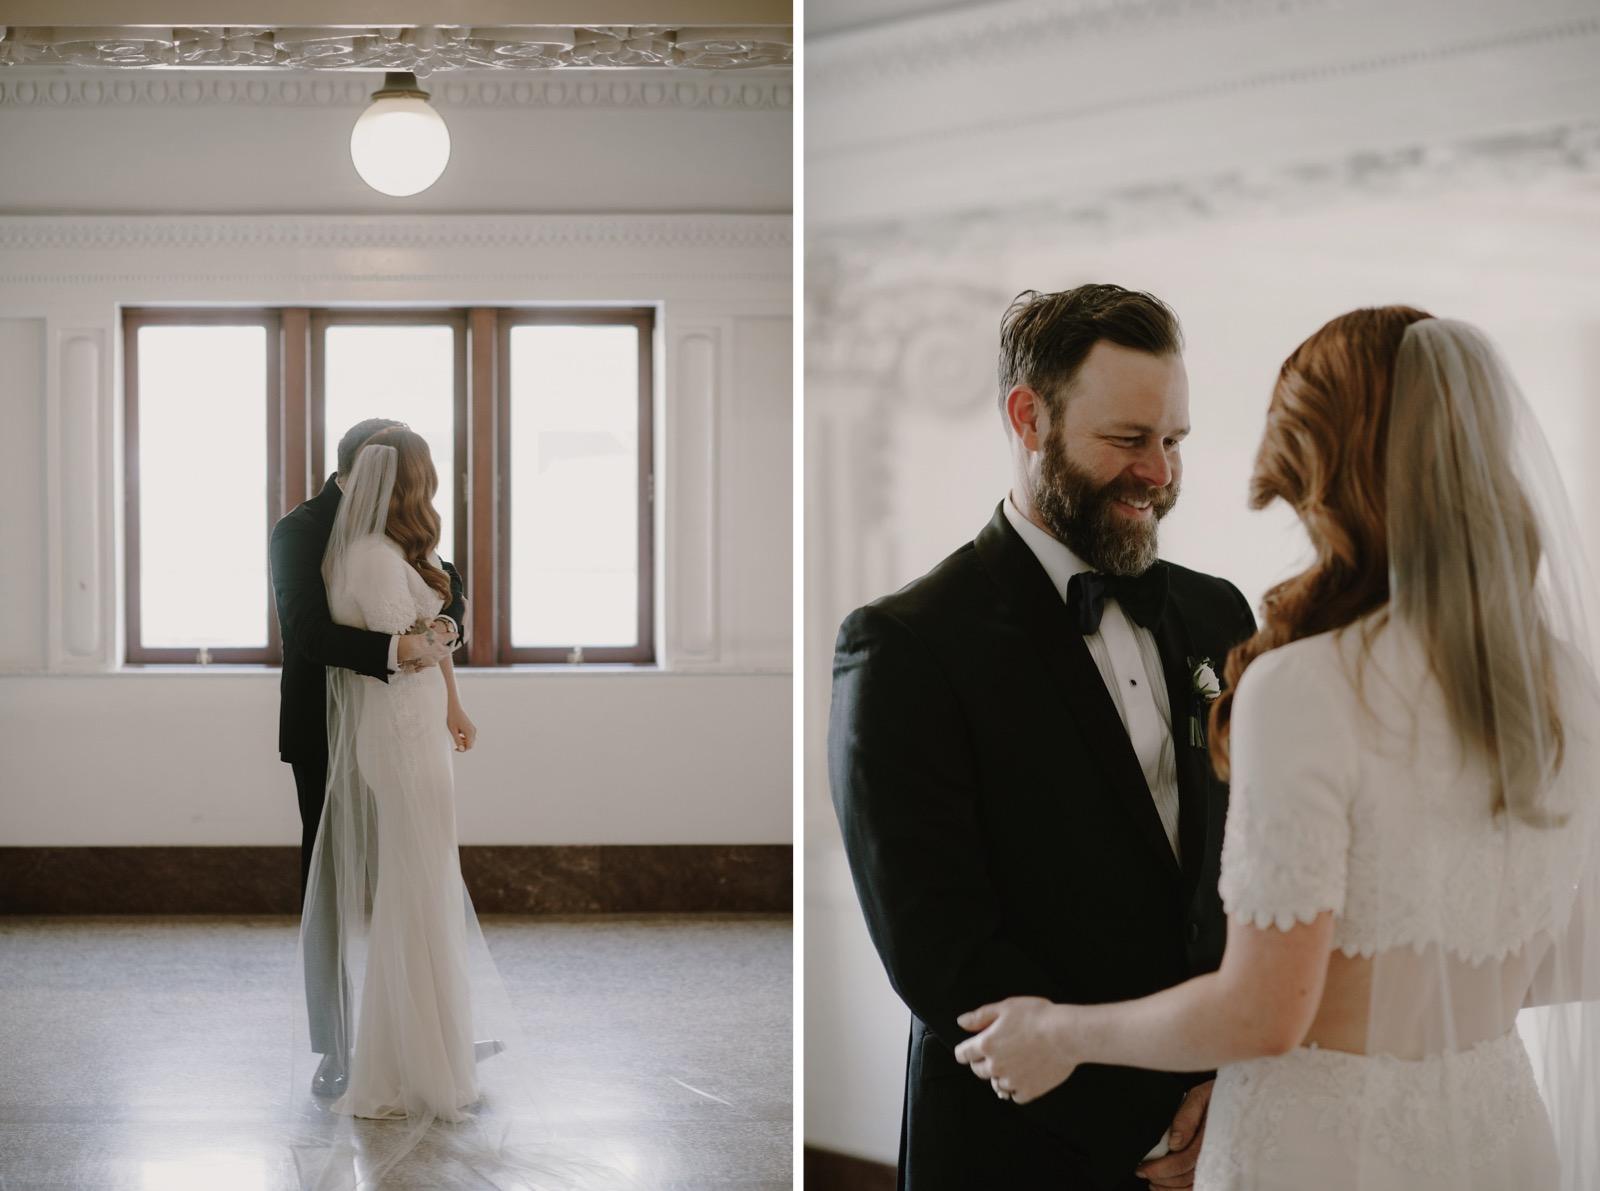 048_Arctic_Club_Wedding_Seattle_088_Arctic_Club_Wedding_Seattle_087.jpg